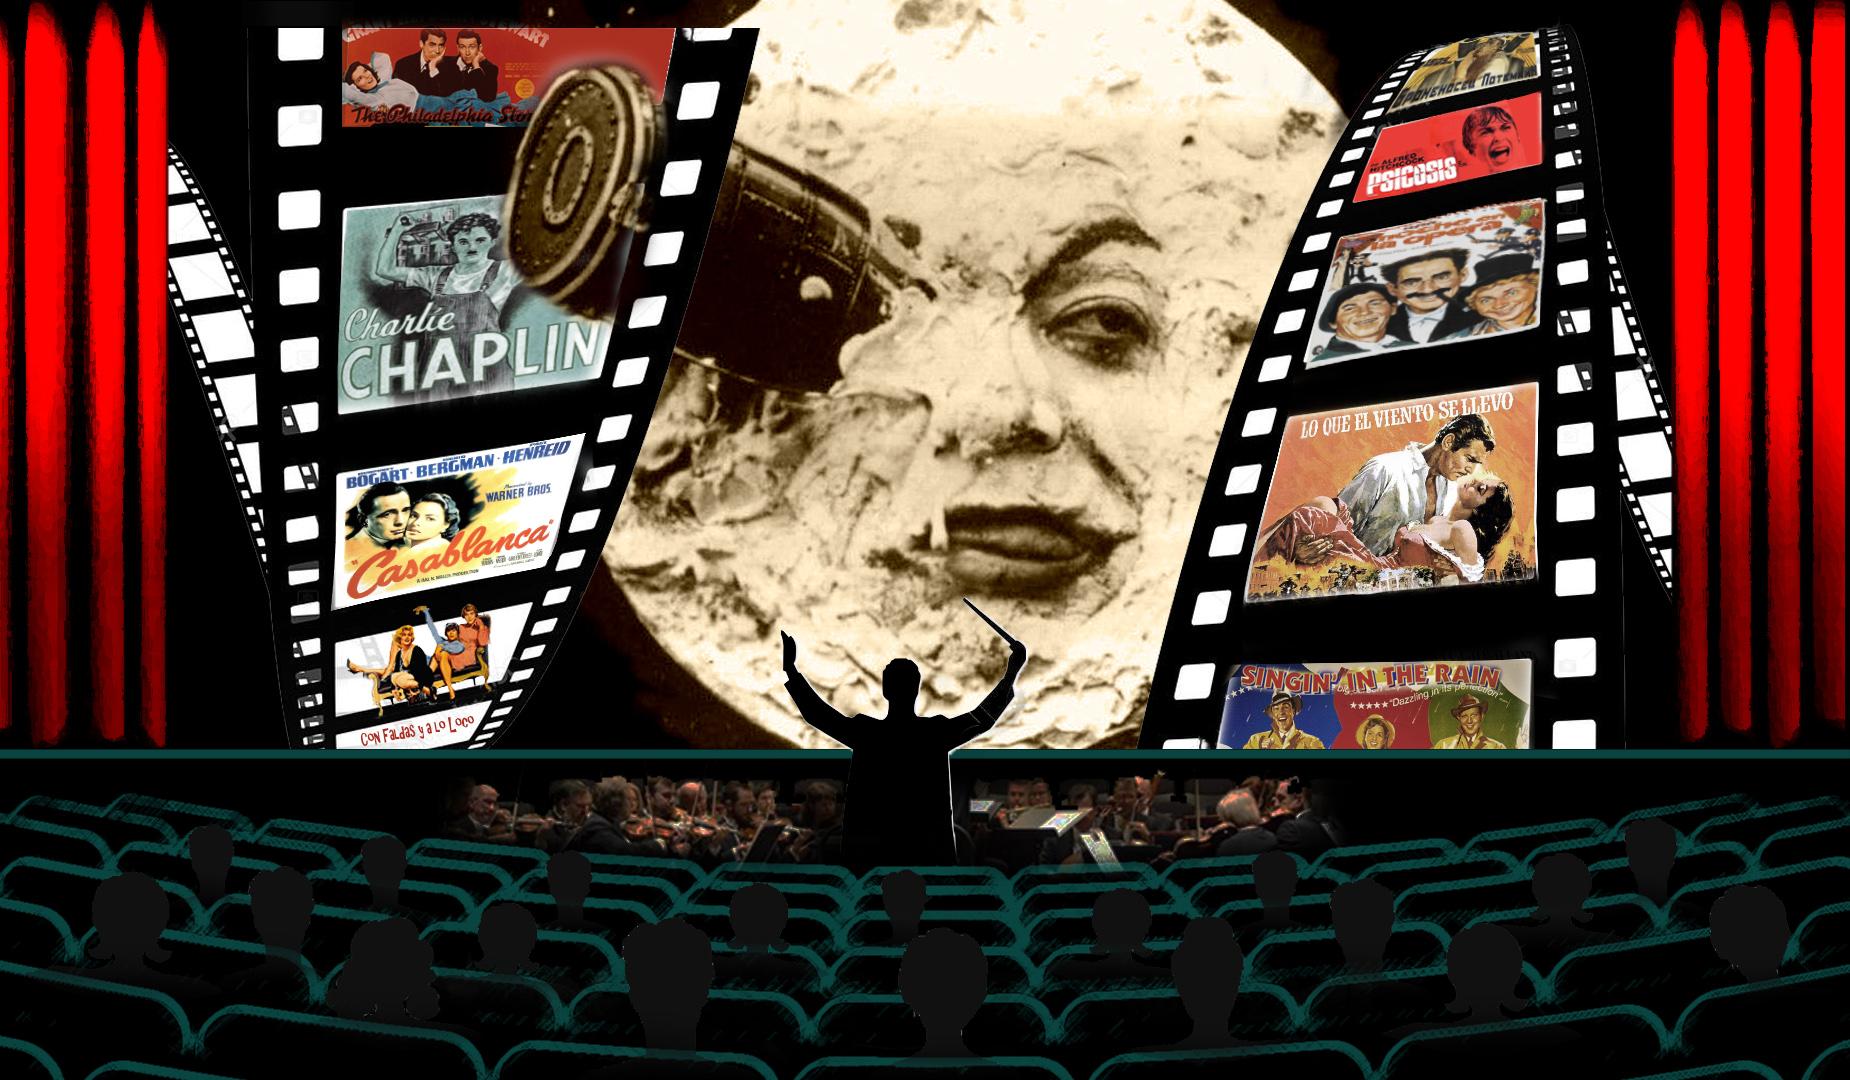 Sala de cine con orquesta y en la pantalla El viaje a la Luna de Méliès y cinta con los carteles de películas antiguas. Loco Mundo Arte y Bohemia